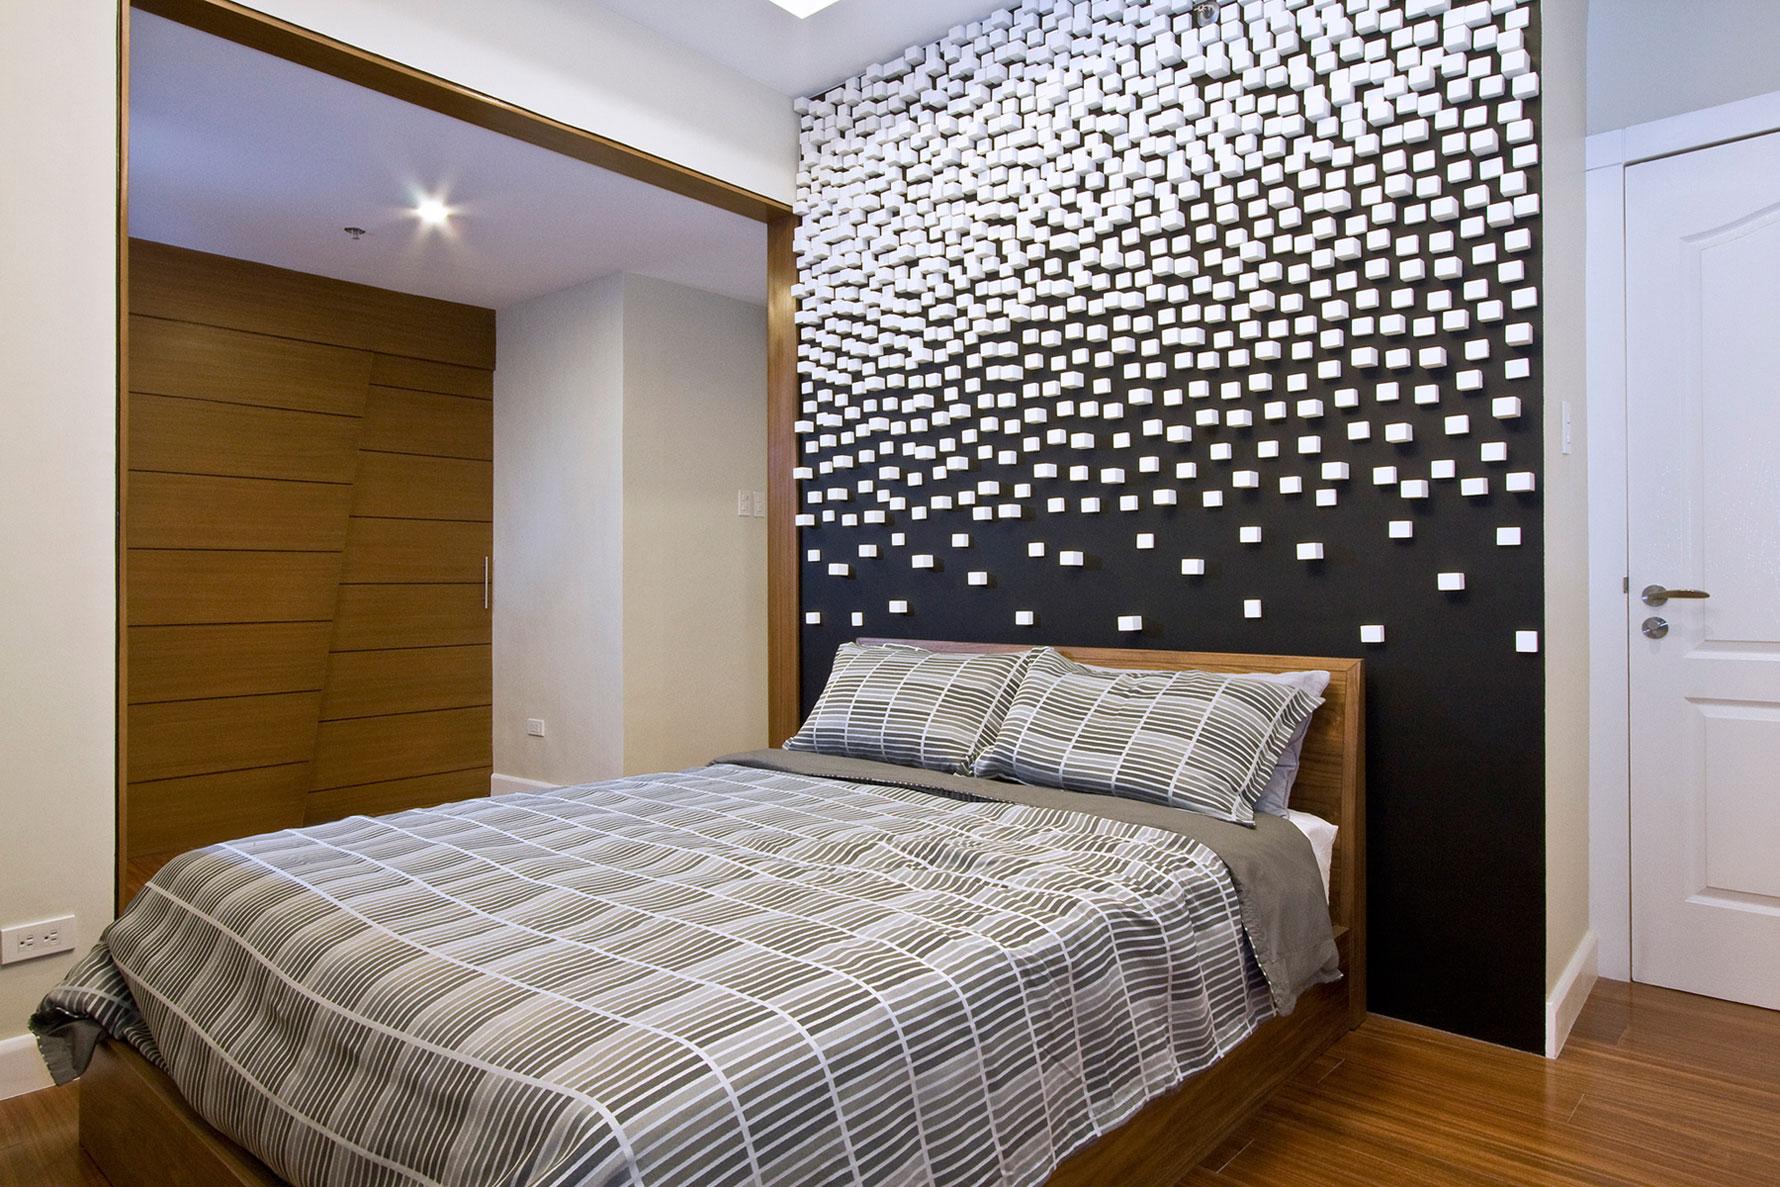 Оригинальный декор стен в интерьере - Фото 36